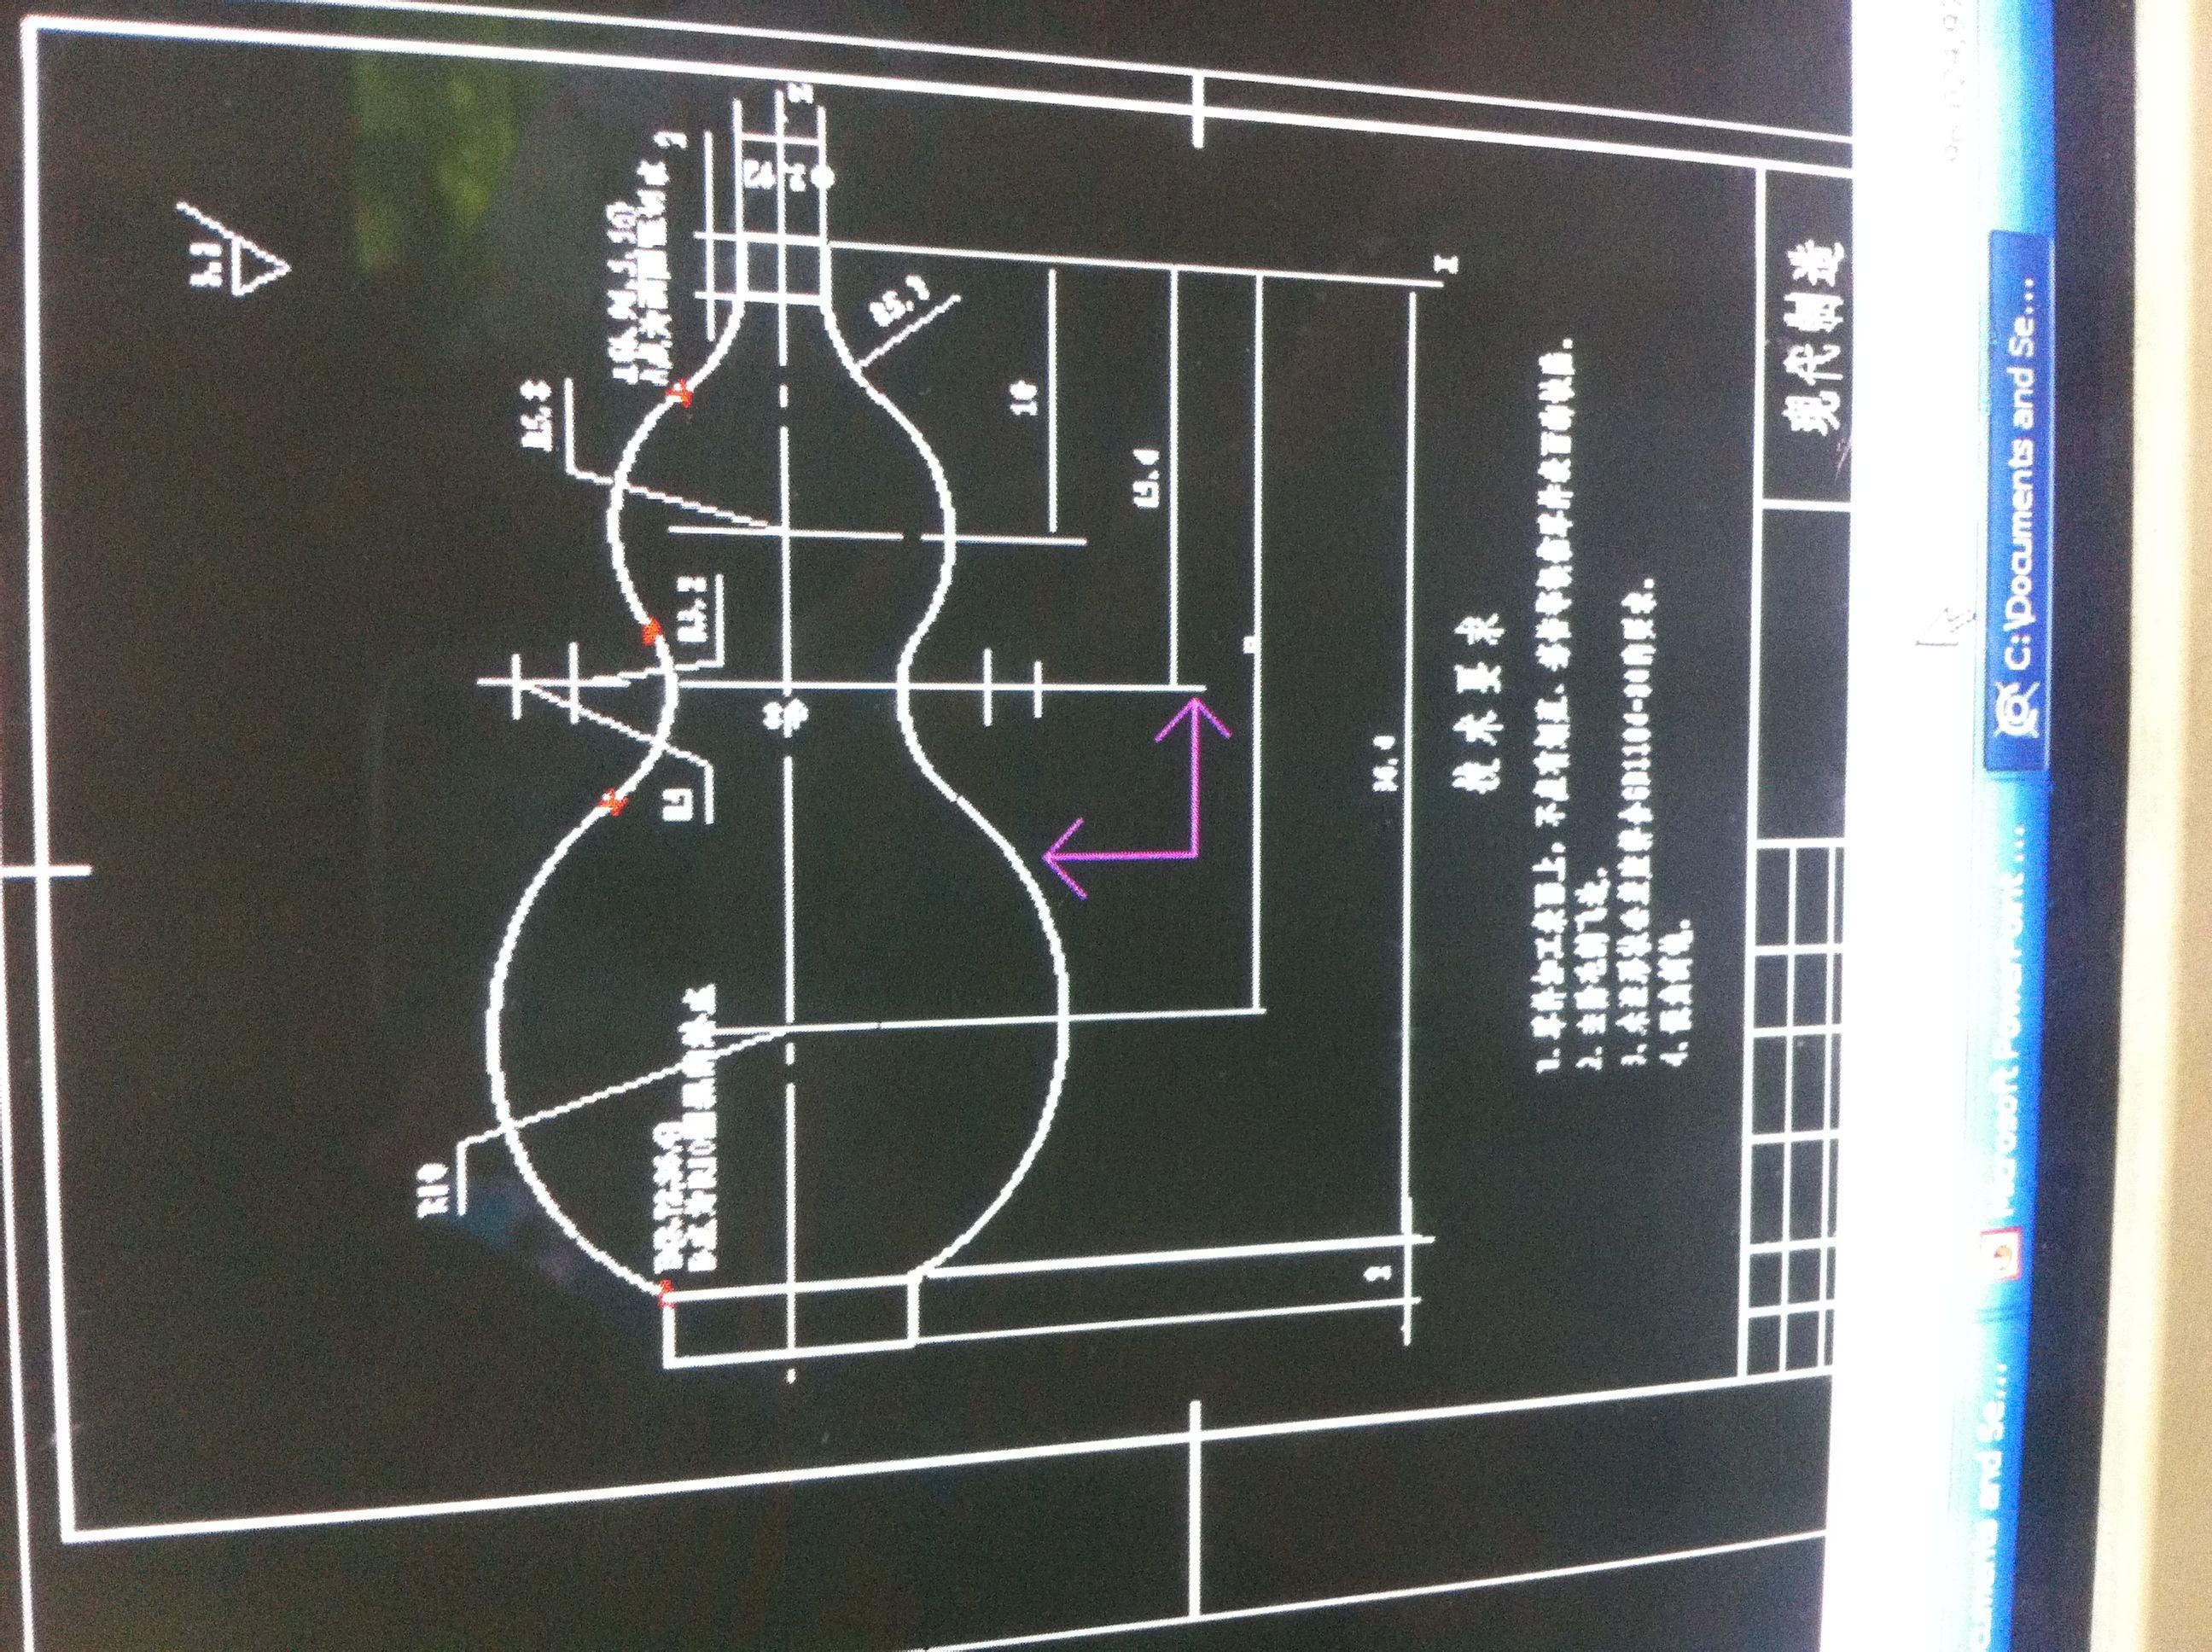 帮忙写个数控车床手工编程制作小葫芦(三节)的程序.急图片